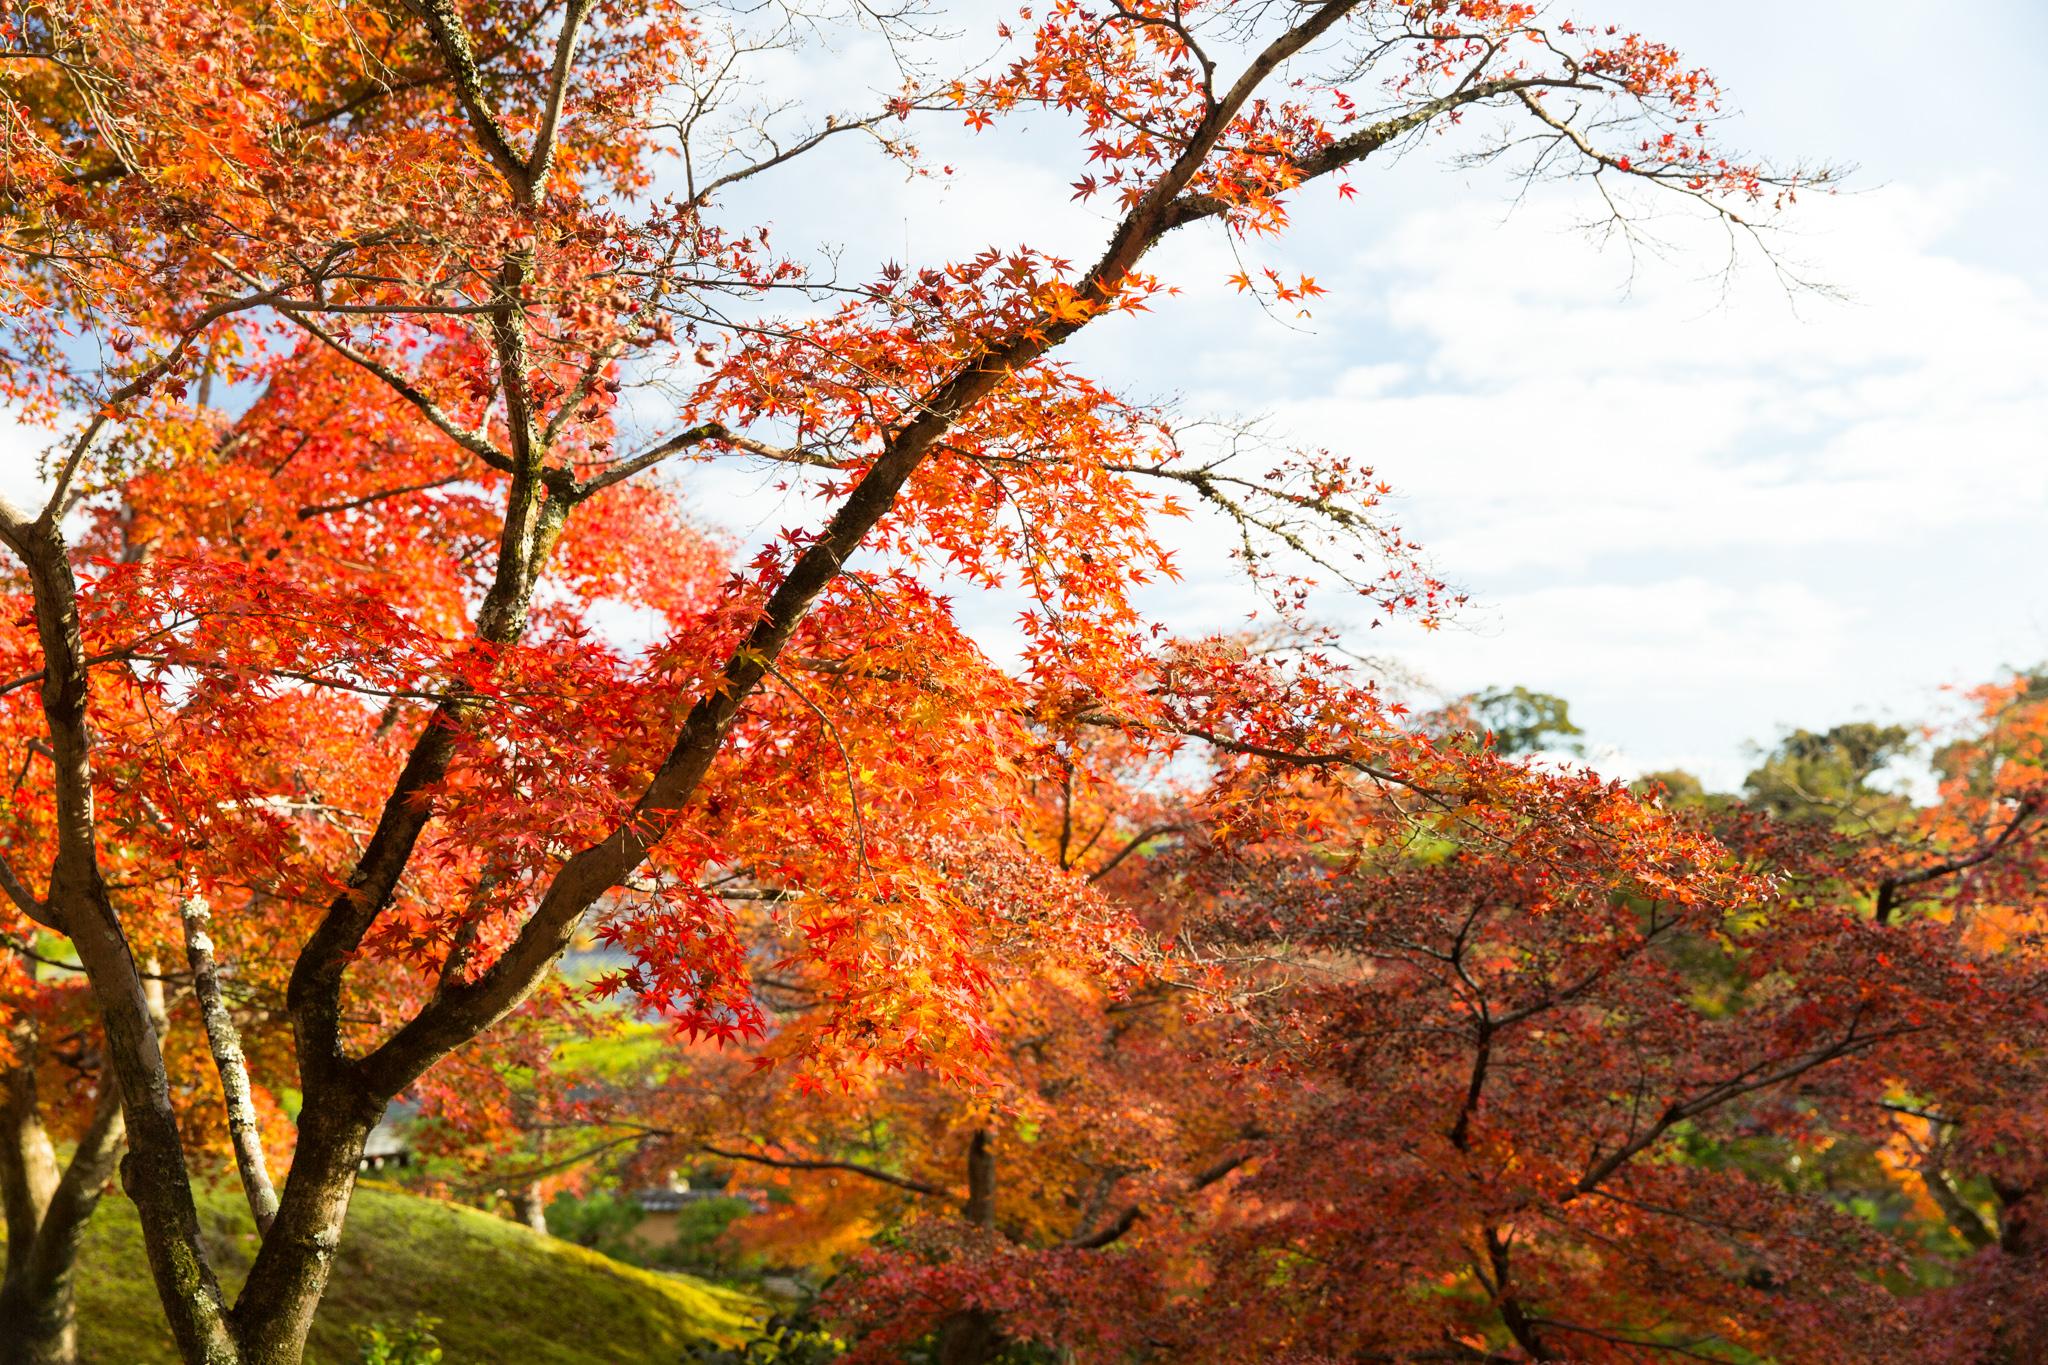 5001-japan-nature-autumn-colors.jpg